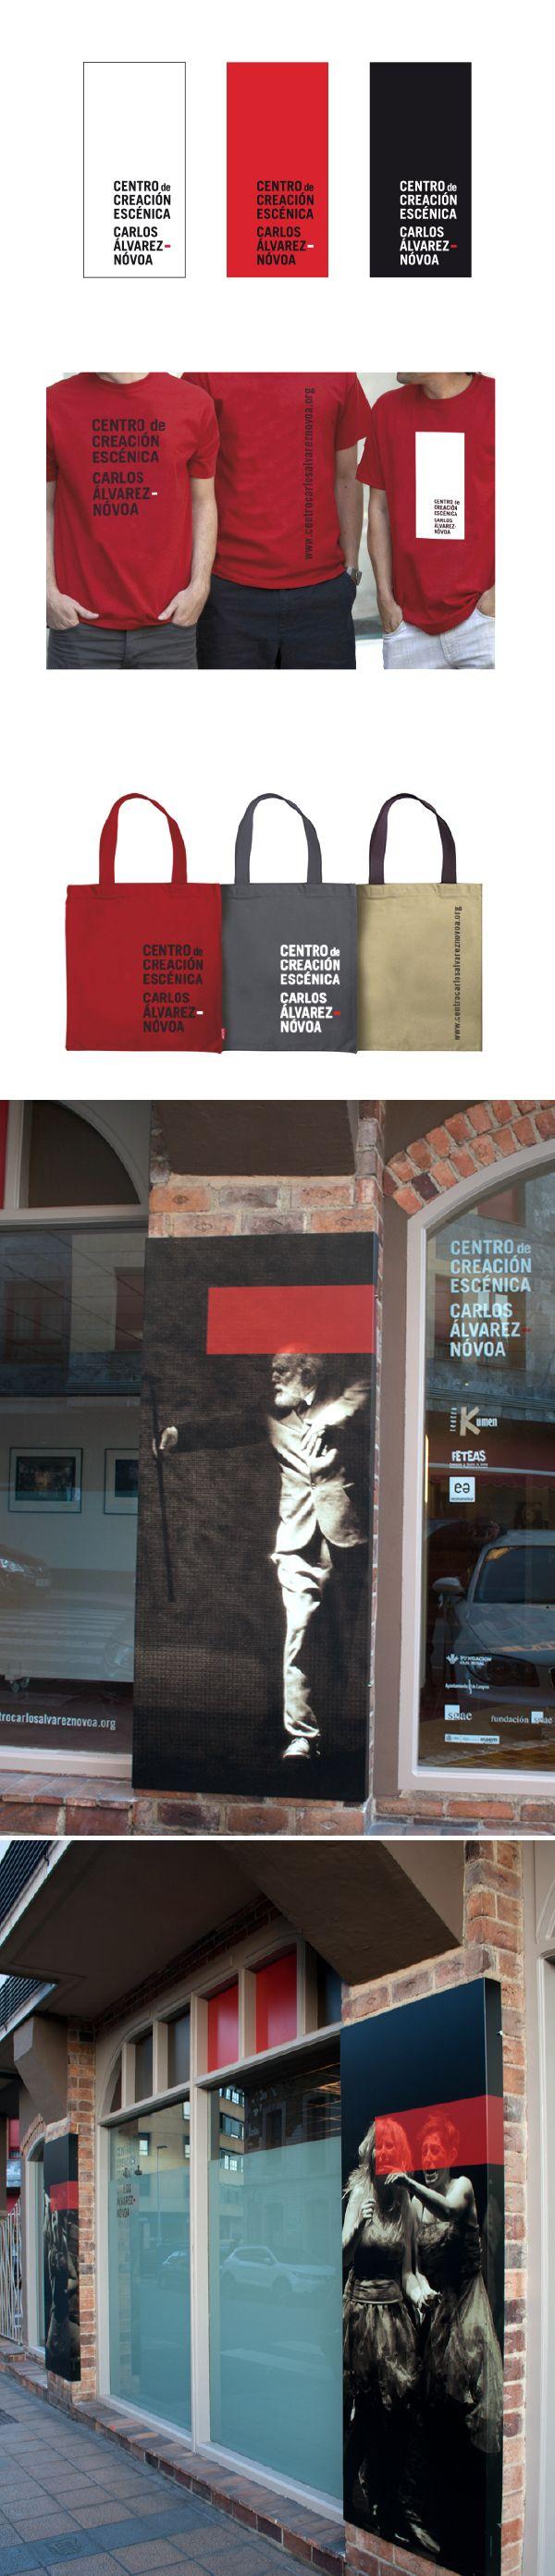 """Centro de Creación Escénica situado en Langreo cuyo nombre es un homenaje al gran actor asturiano ganador de un premio """"Goya"""" por su actuación en la película """"Solas"""" del director  Benito Zambrano."""